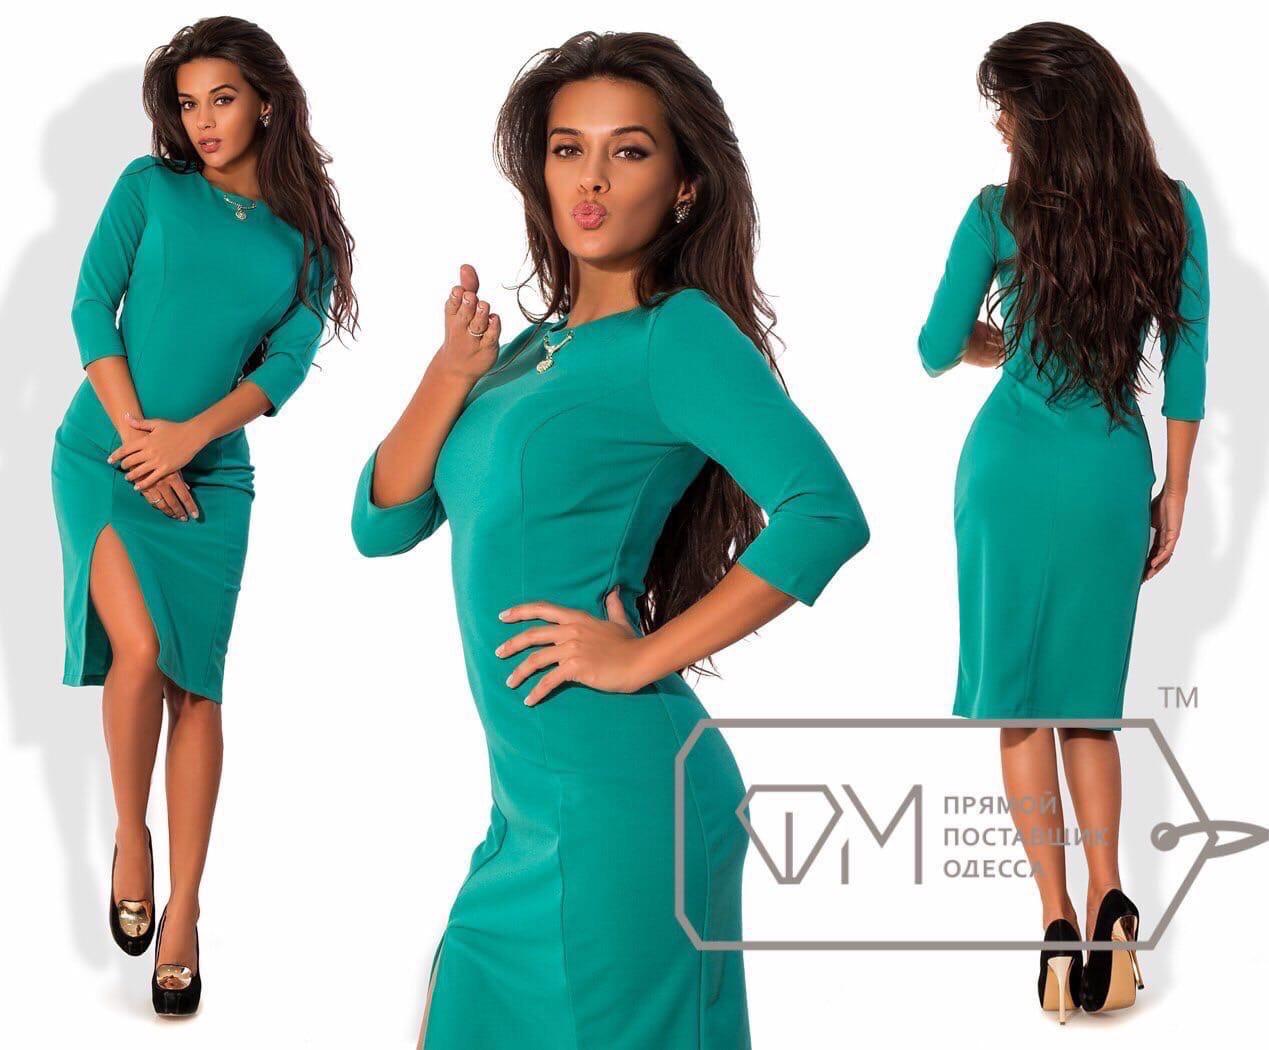 Стильное силуэтное платье с украшением и разрезом впереди, 4 цвета, (р-р.42,44,46,48,50,52,54)   Код 572Д